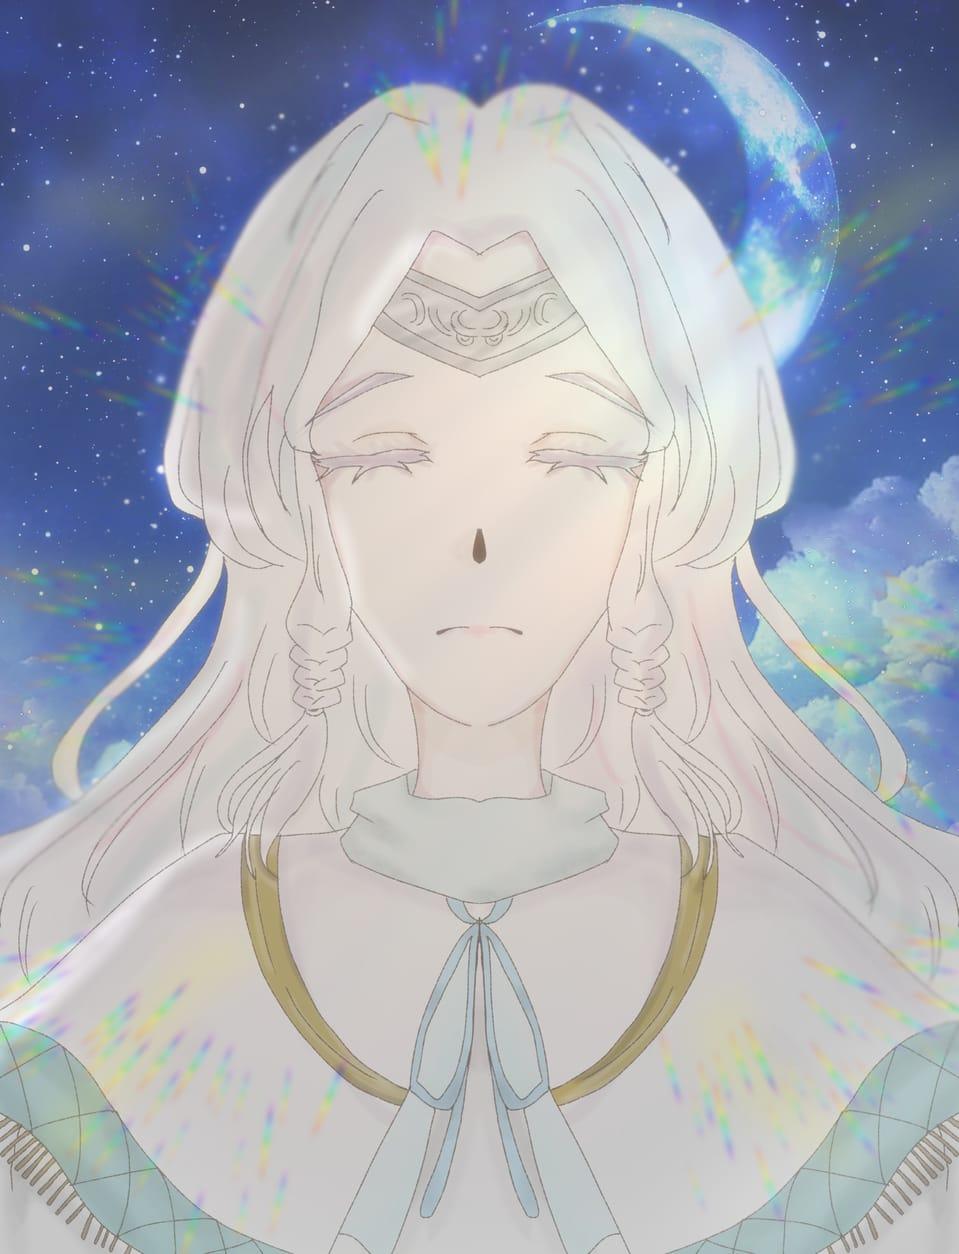 神秘 Illust of はるねぎ。@活動休止 #陰キャ同盟 white_hair oc 春葱 線対称 神秘的 アイビスペイント はるねぎ 左右対称 白髪少女